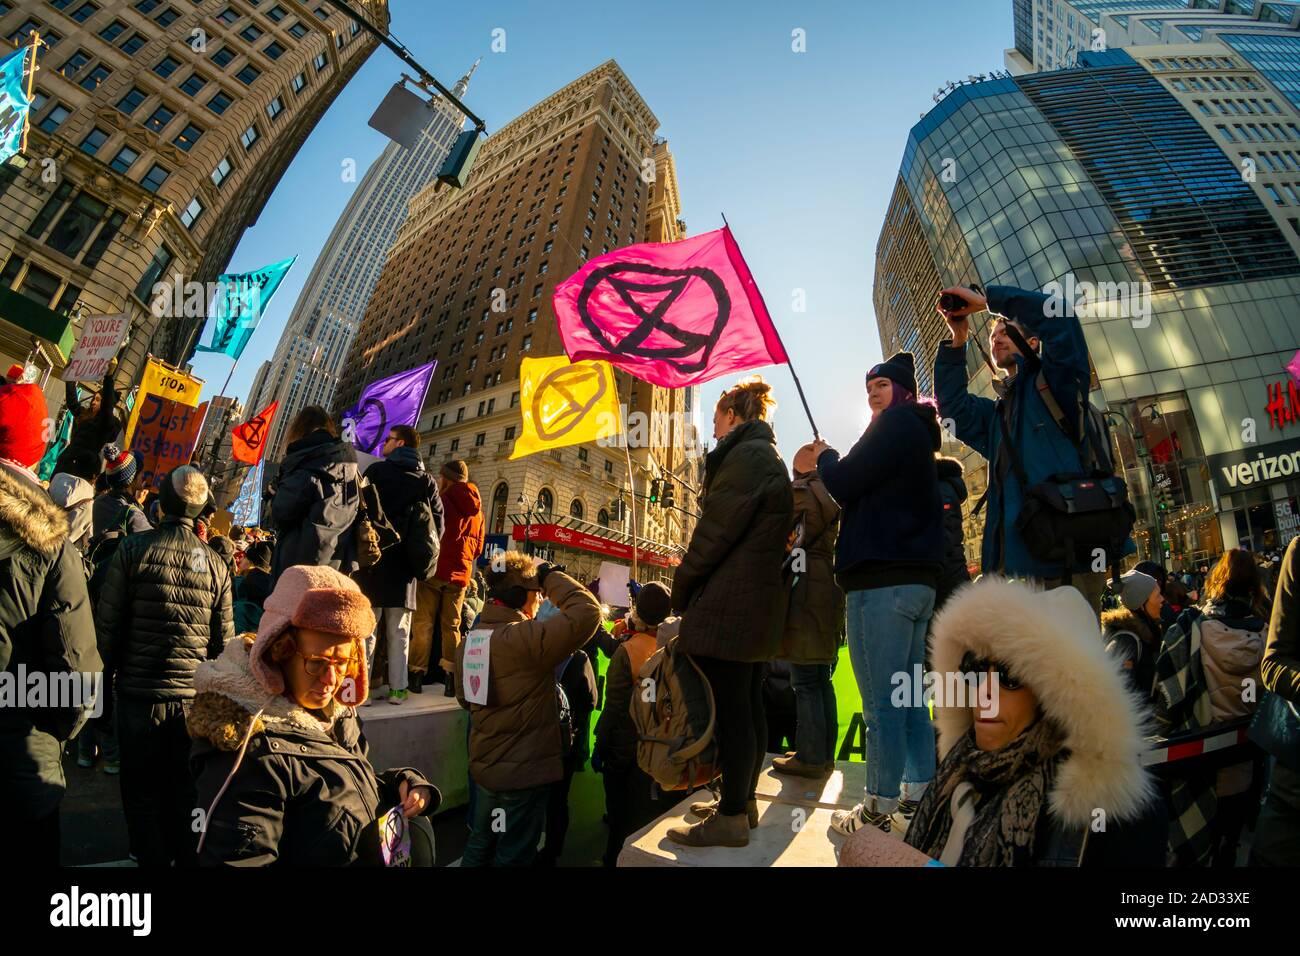 Des activistes affiliés à l'extinction en protestation de la rébellion Herald Square à New York, le vendredi 29 novembre, 2019. (© Richard B. Levine) Banque D'Images